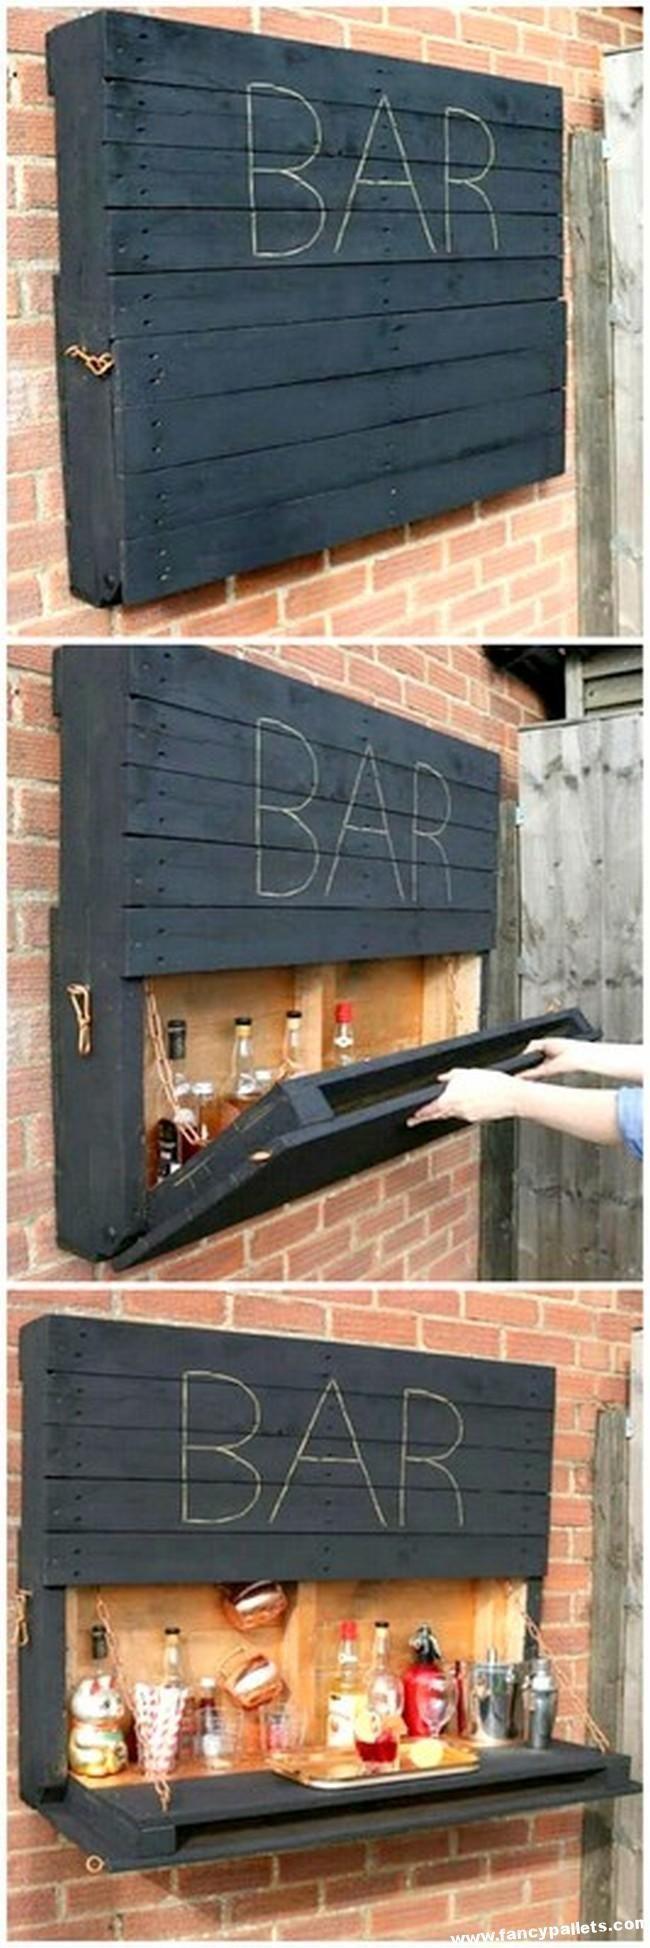 Tablette de bar en bois élégante, #elegante #tablette #decorationevent